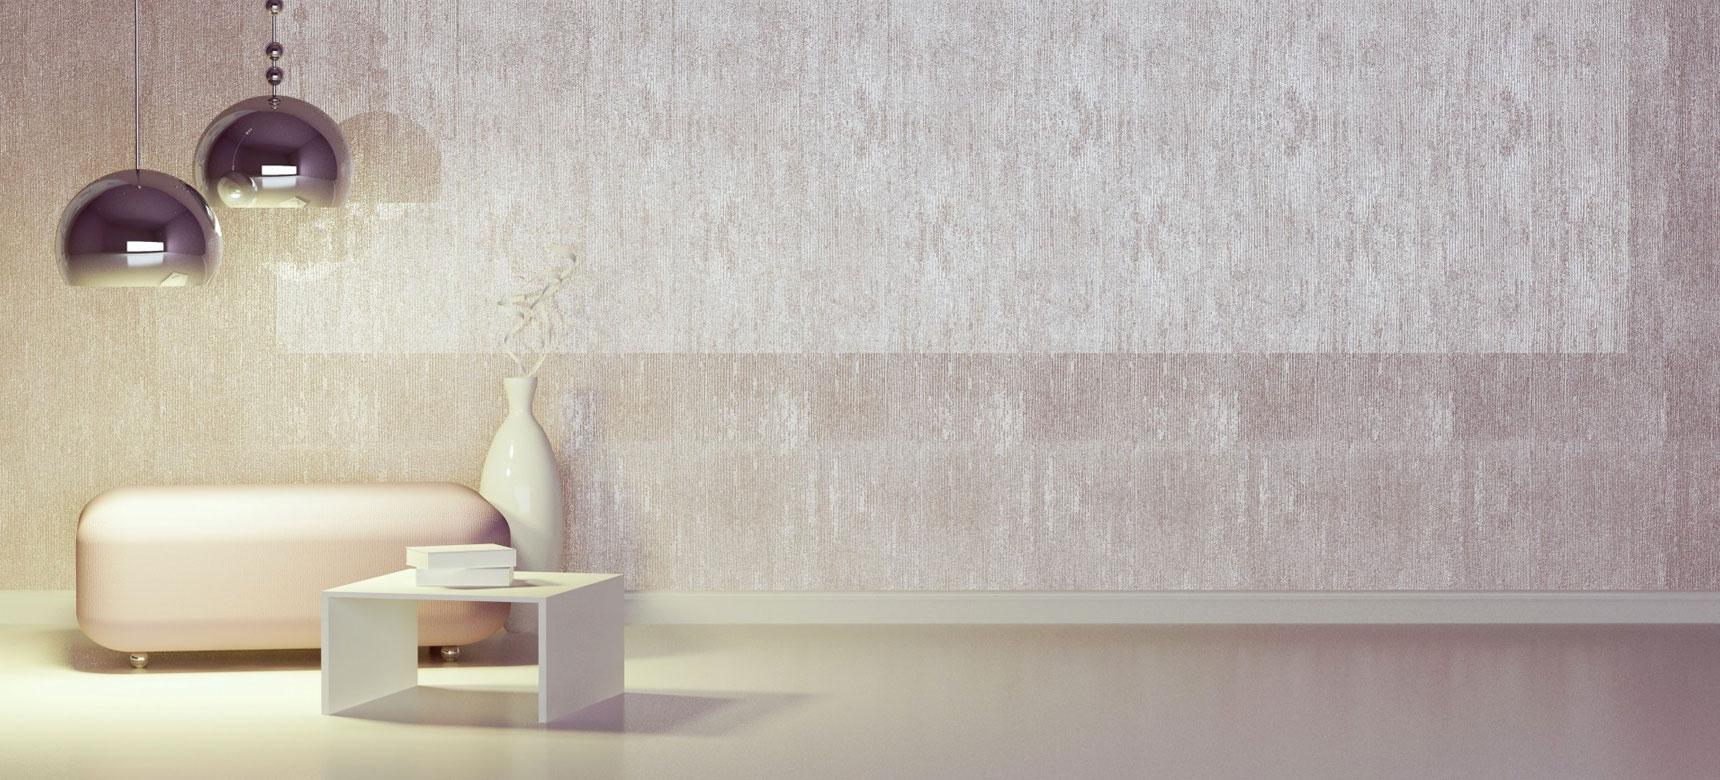 Brand magnolo interiors magnolo mobili sogliano cavour lecce - Deco lounge parket ...